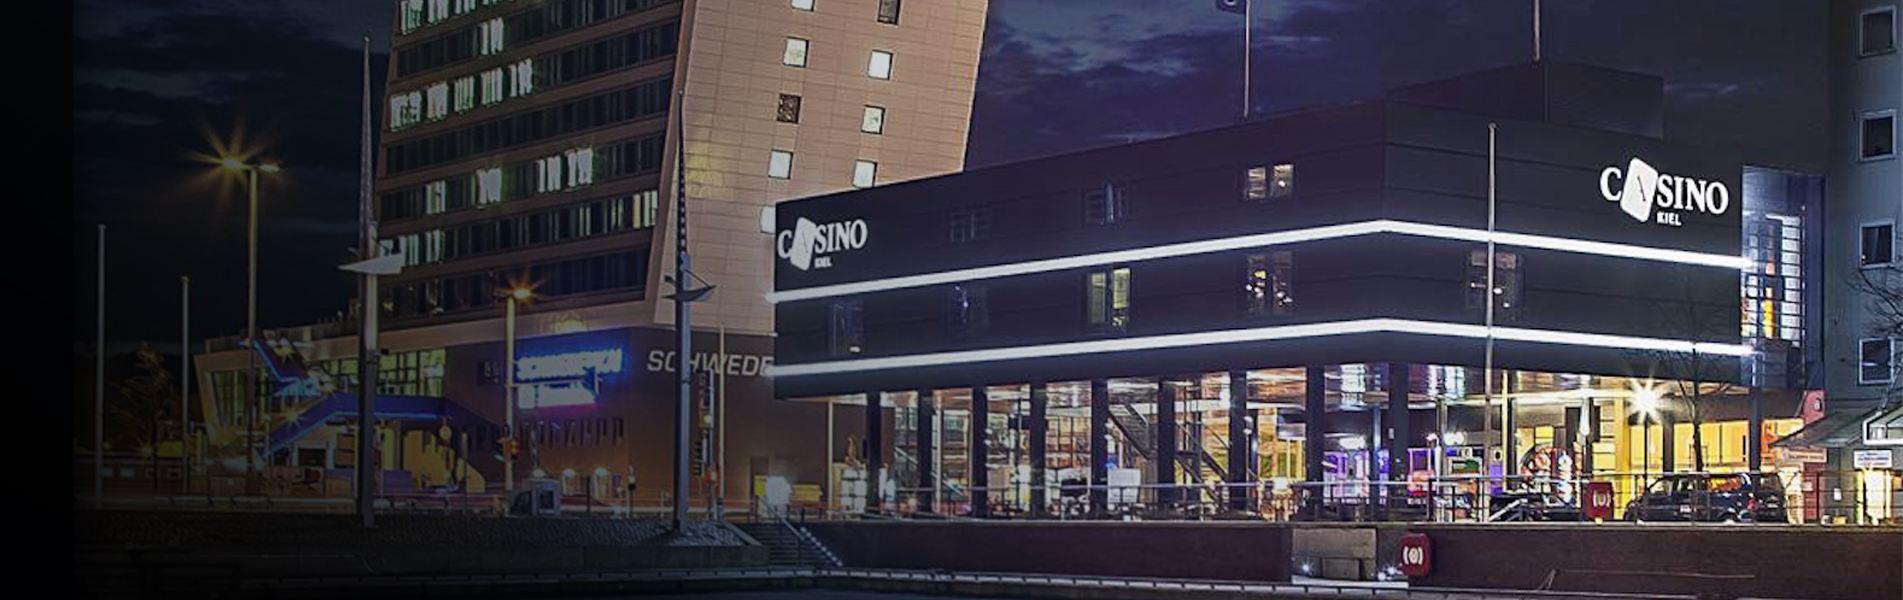 online casino schleswig holstein